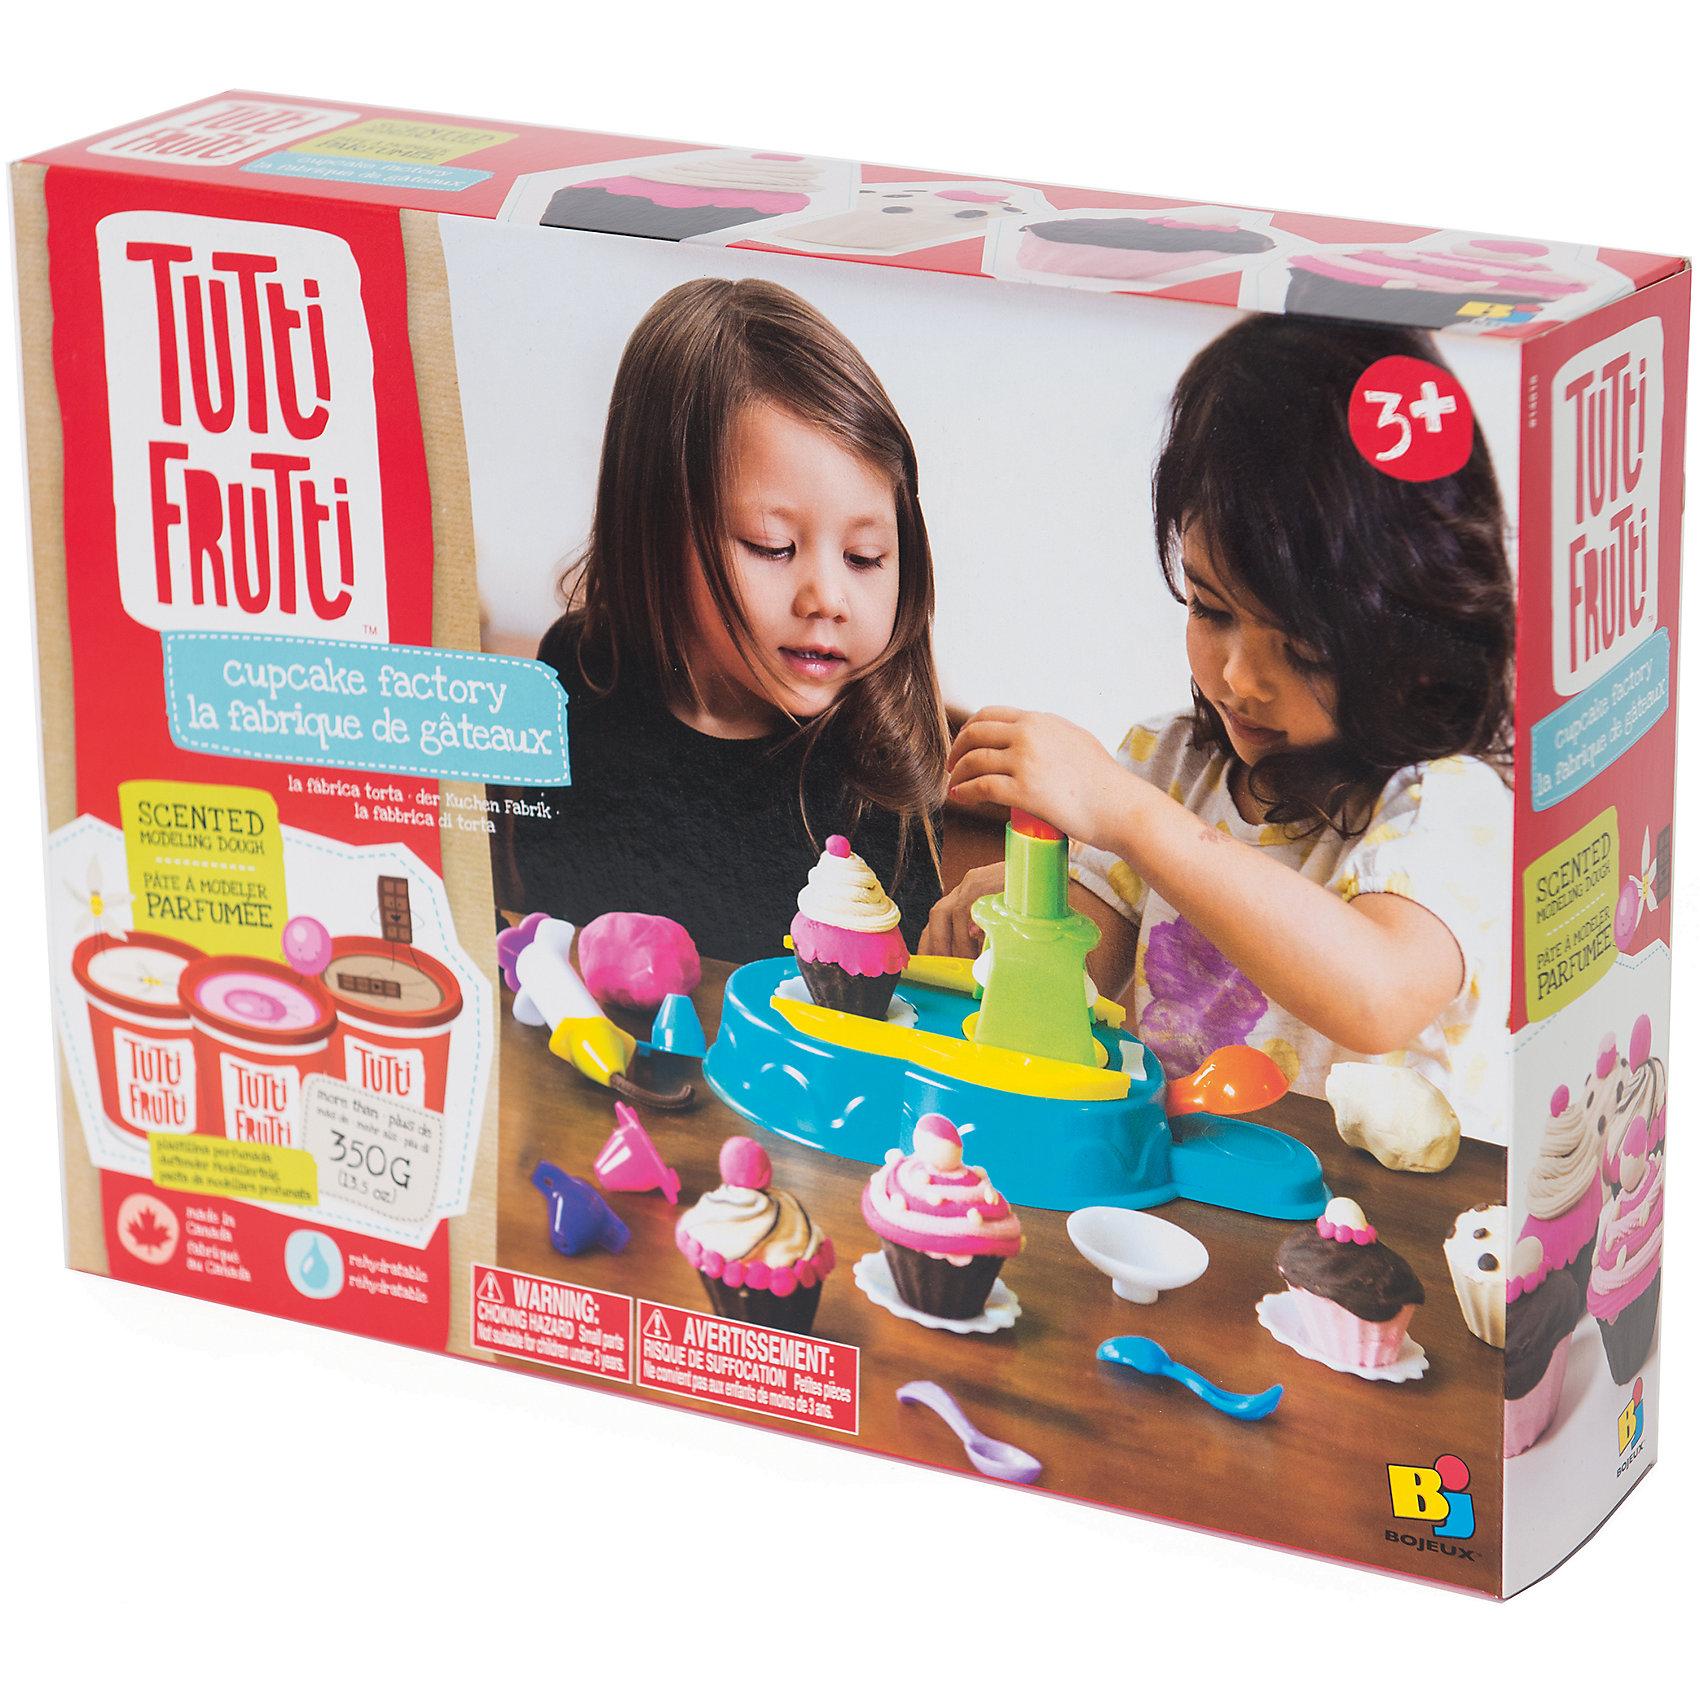 - Большой набор для лепки Кондитерская набор для детского творчества набор веселая кондитерская 1 кг